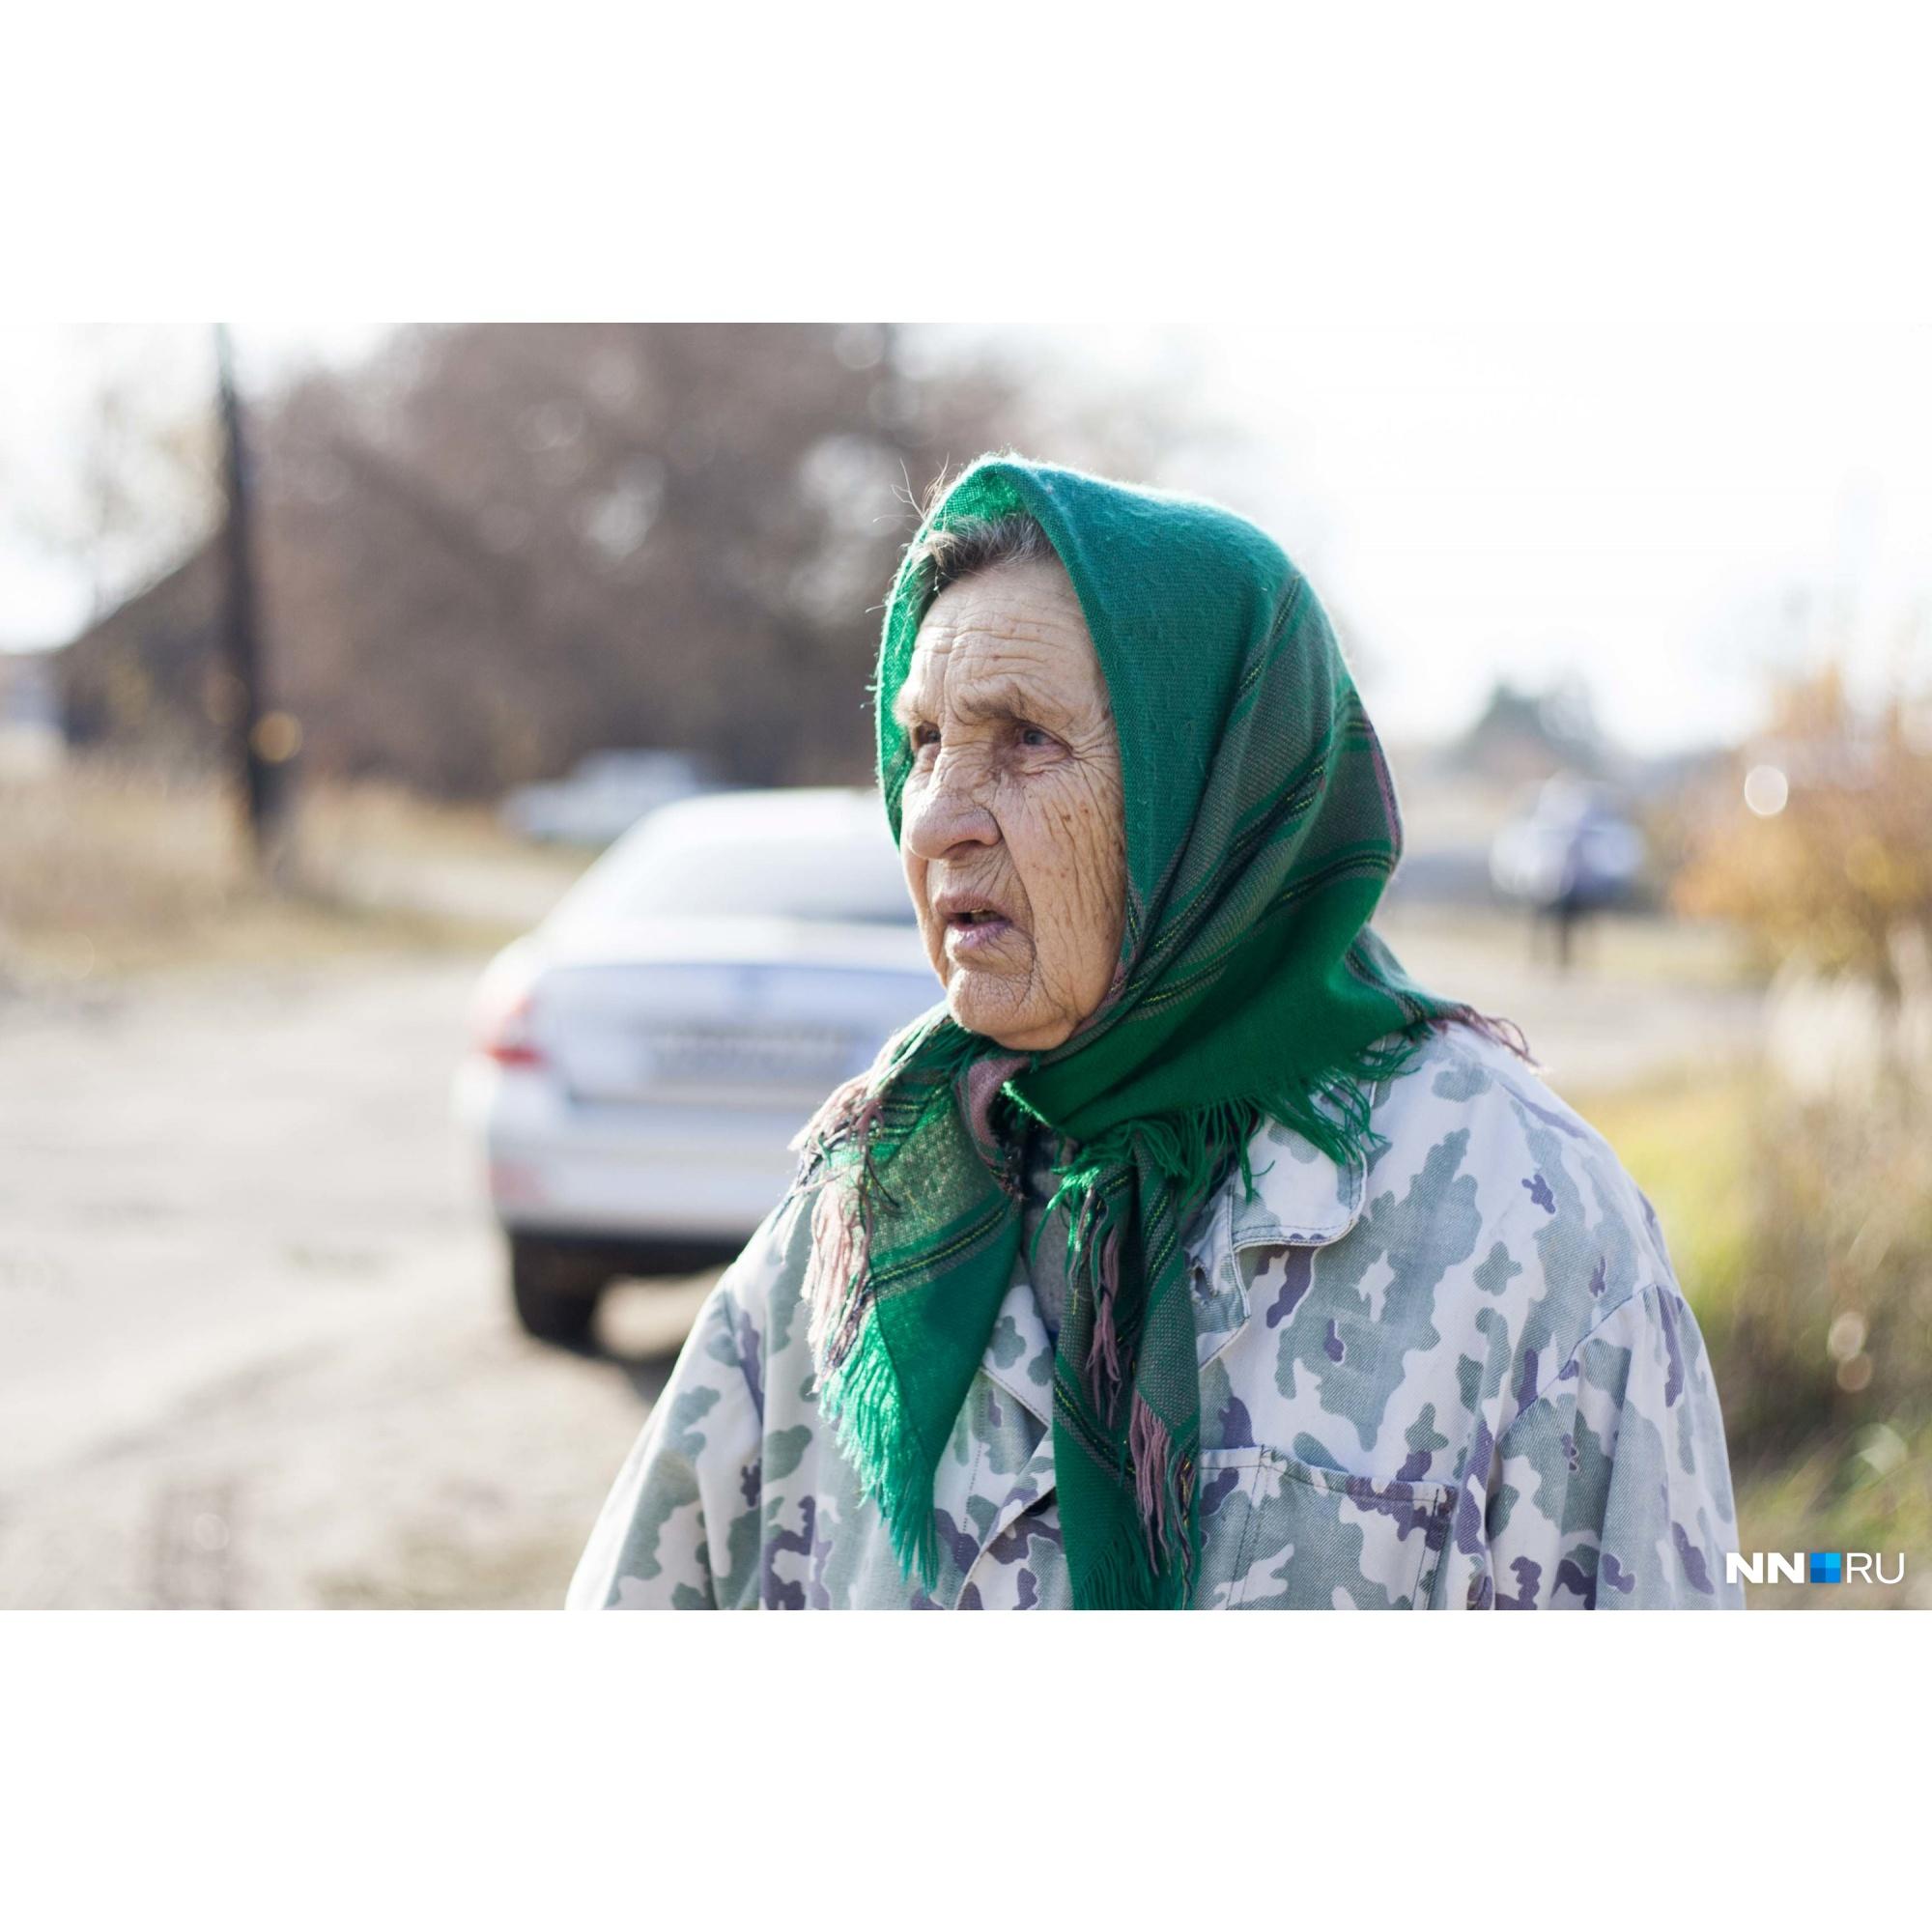 А эта бабушка в день трагедии была дома — услышала жуткий грохот, когда пули попали в соседнюю квартиру